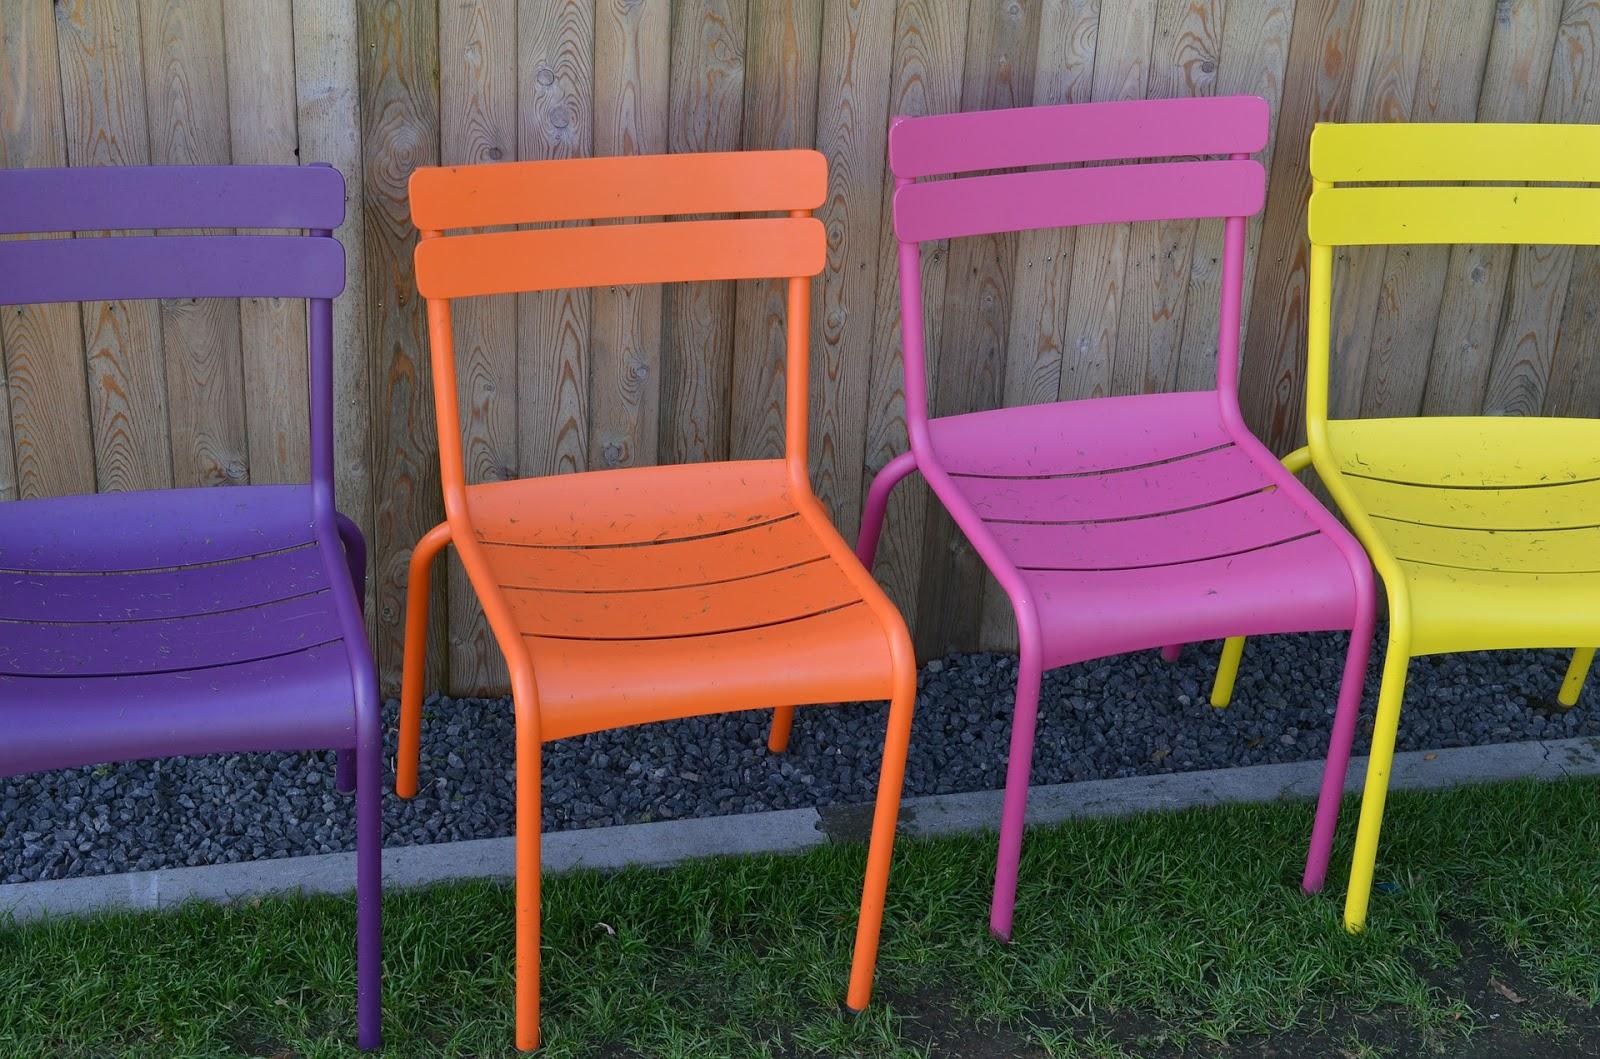 Mis Trucos de Limpieza: Muebles de jardín II: Cómo limpiar los ...